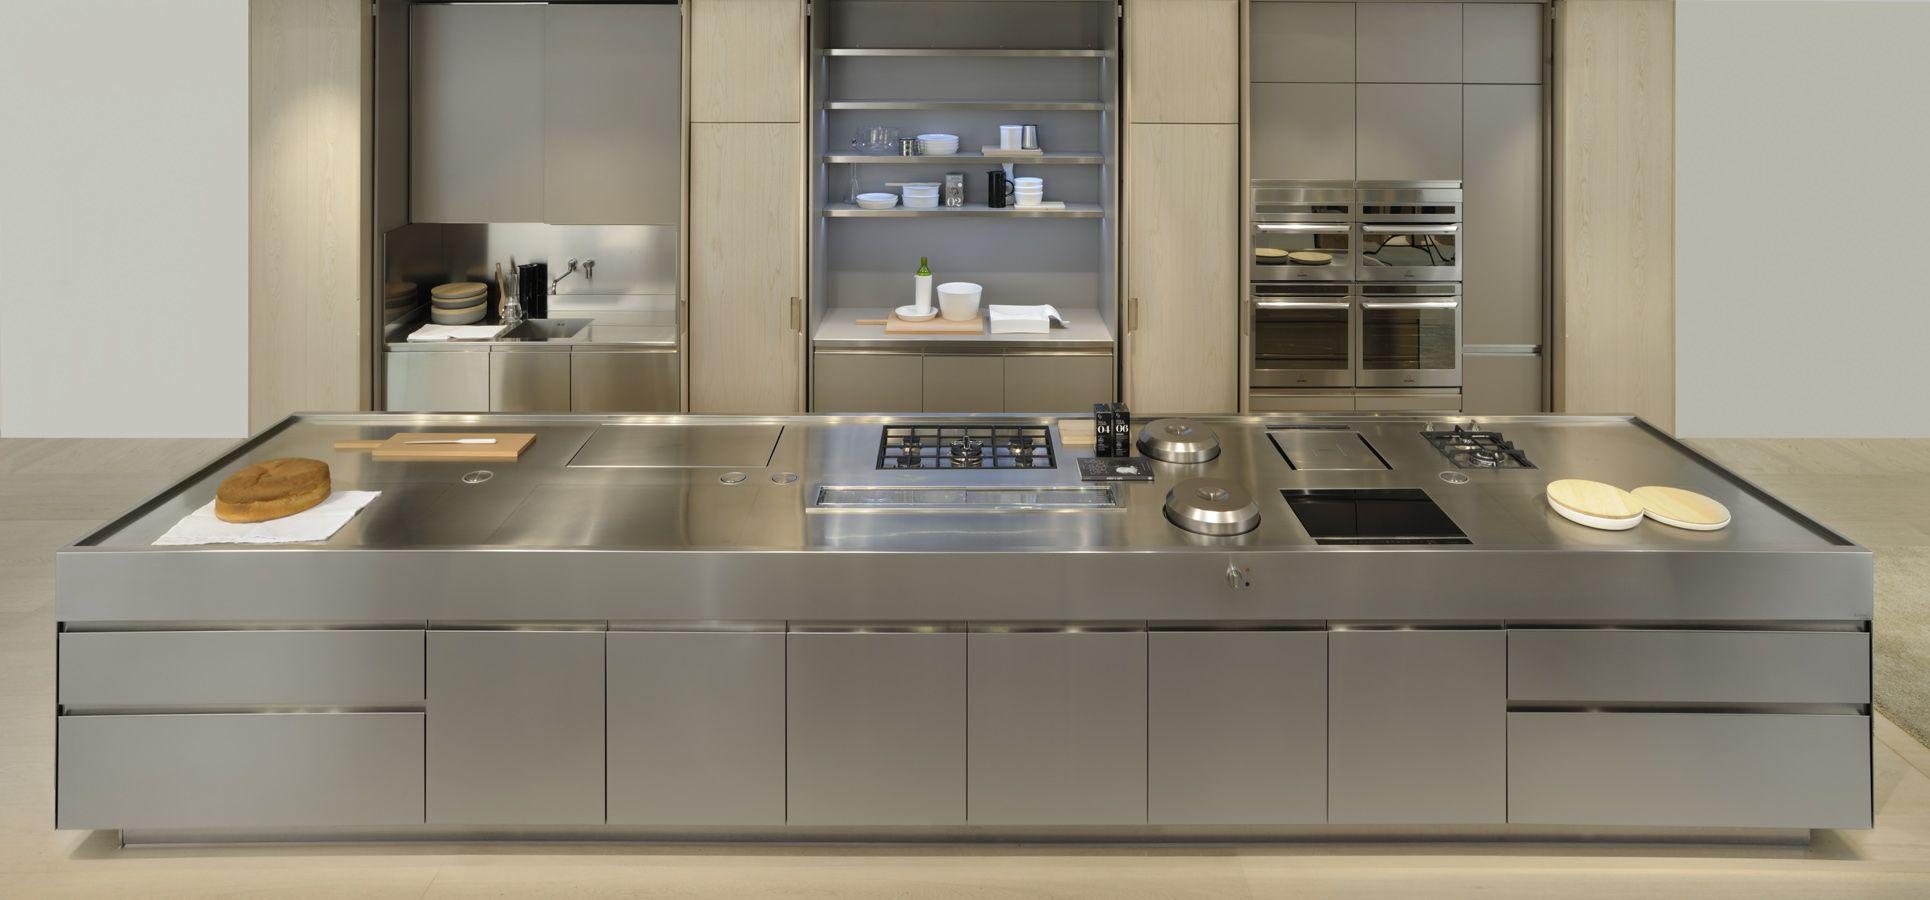 Luxusküche Edelstahl · Moderne KüchenMetall KüchenschränkeInnenarchitektur  ...